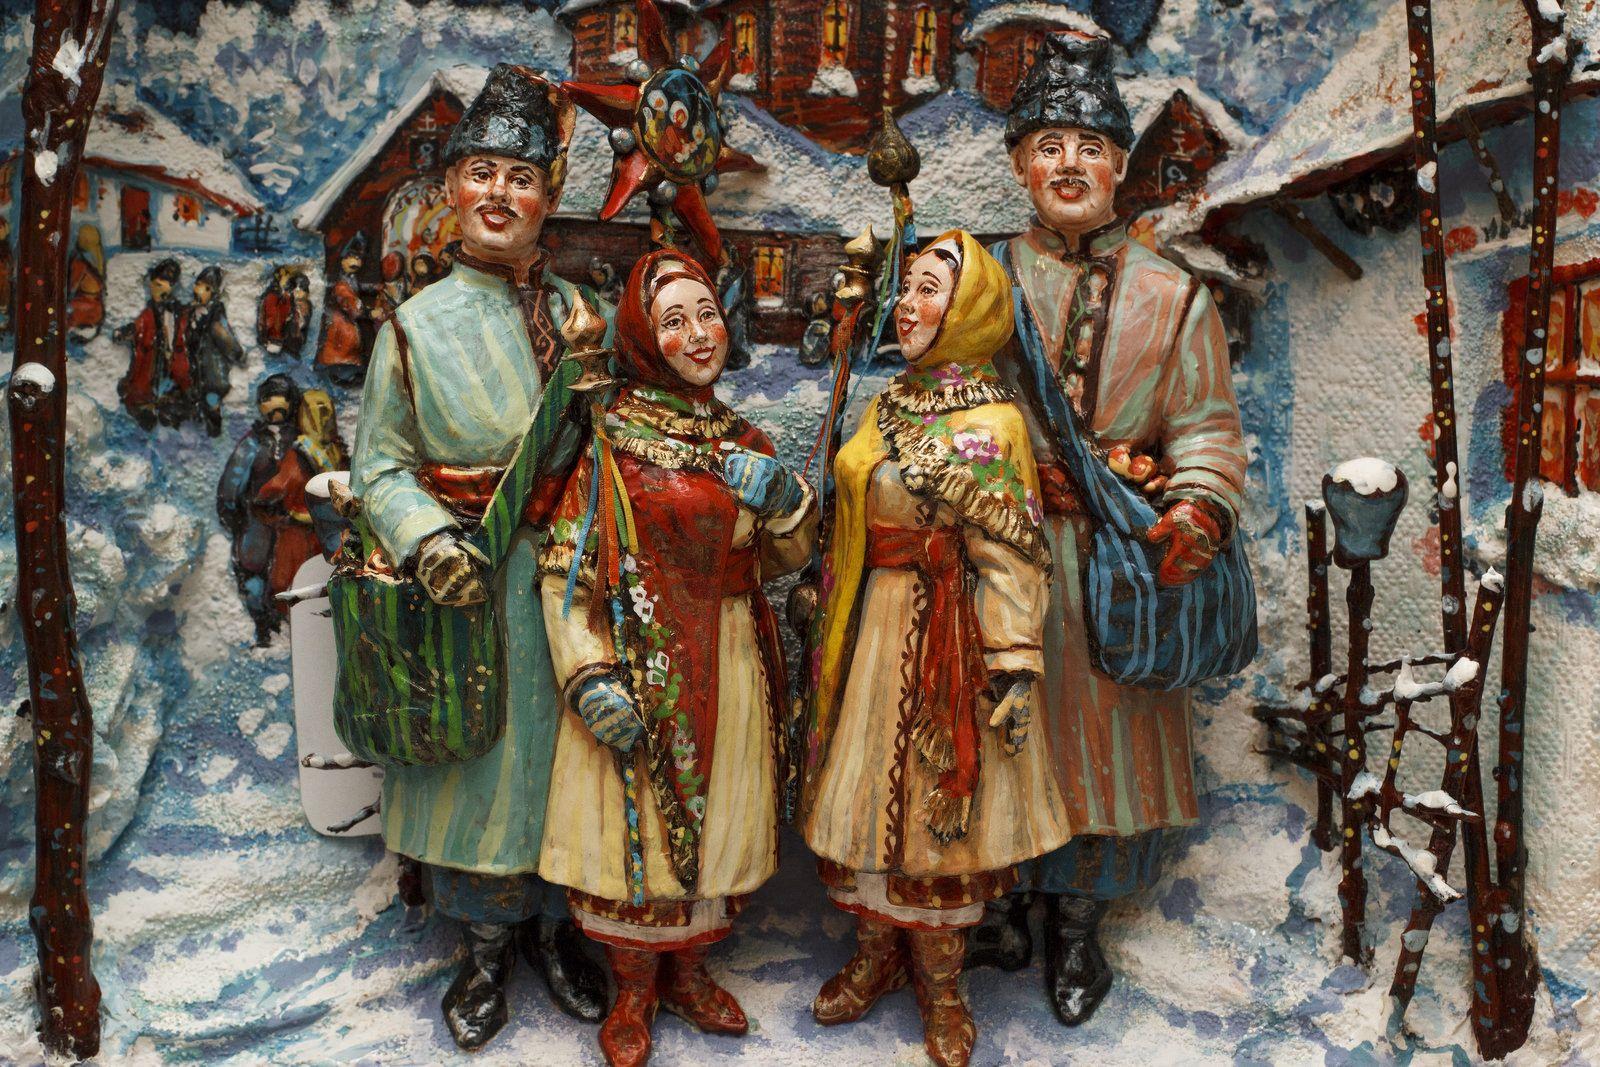 каждого картинка славянское рождество того, эта